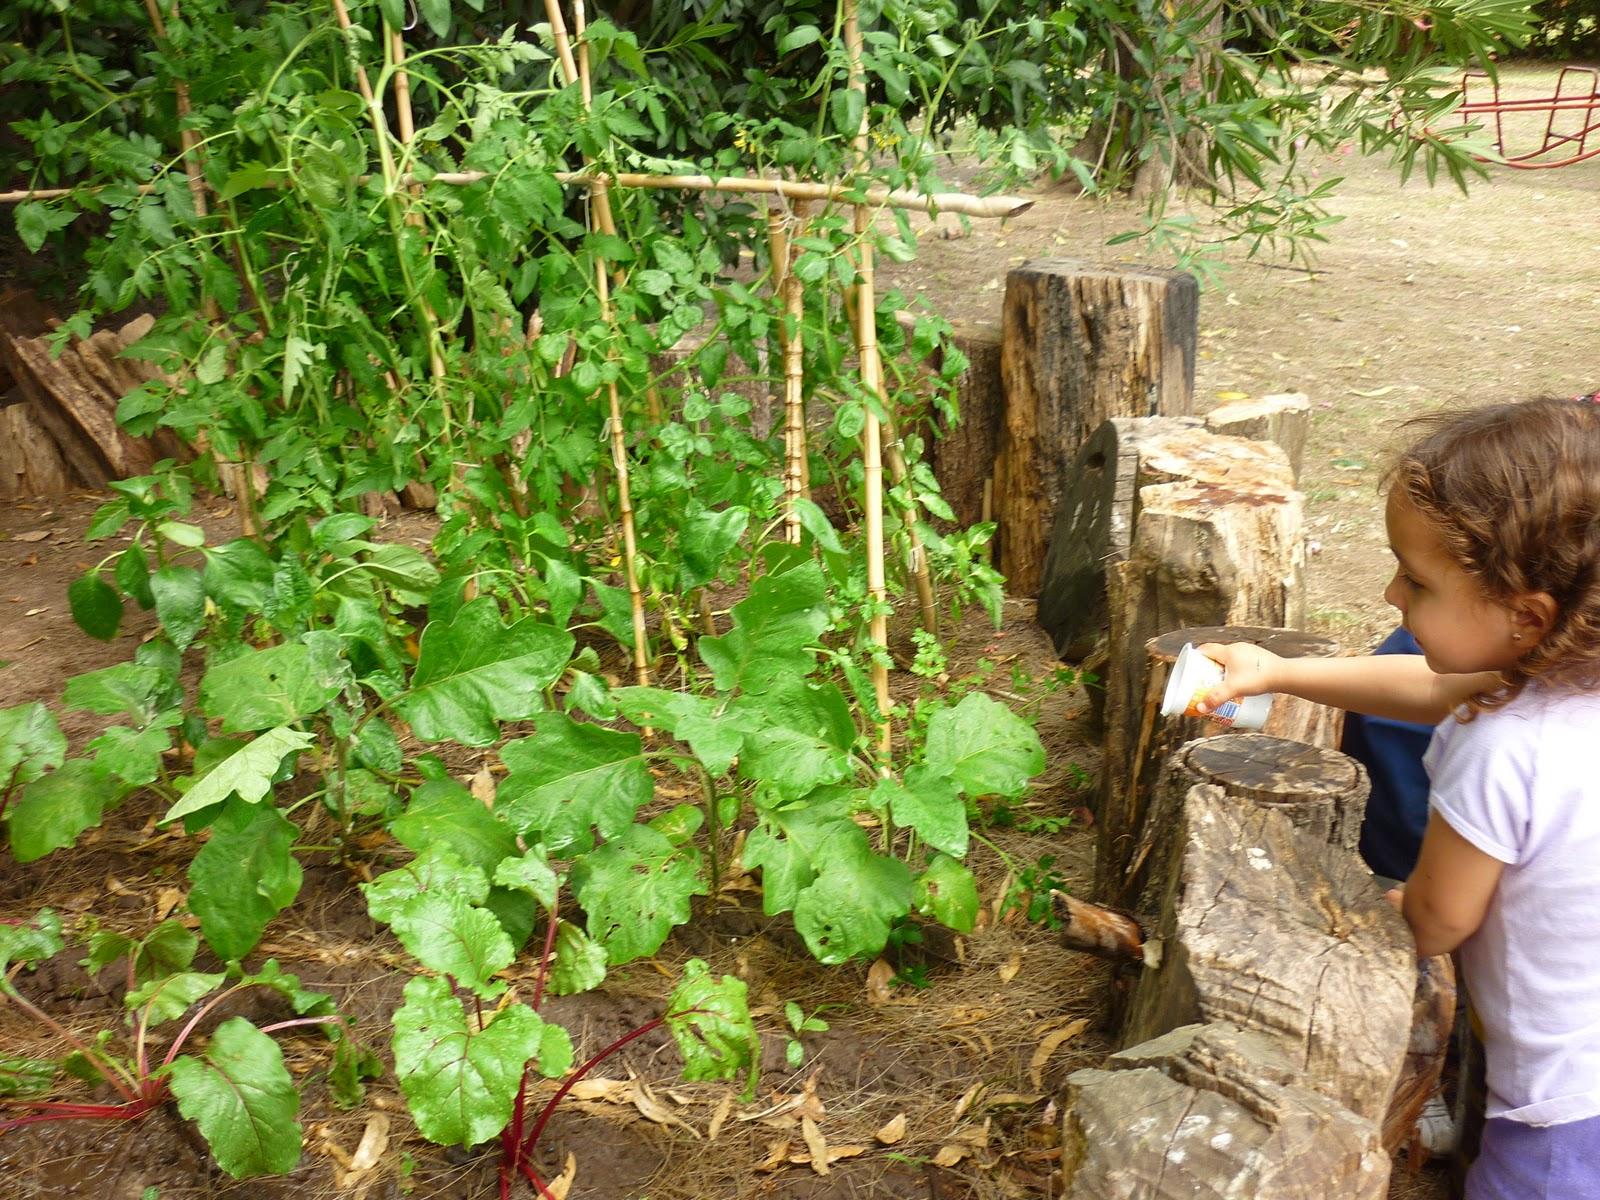 Jardin de infantes nuevo continente m s fotos prometidas for Azul naranja jardin de infantes